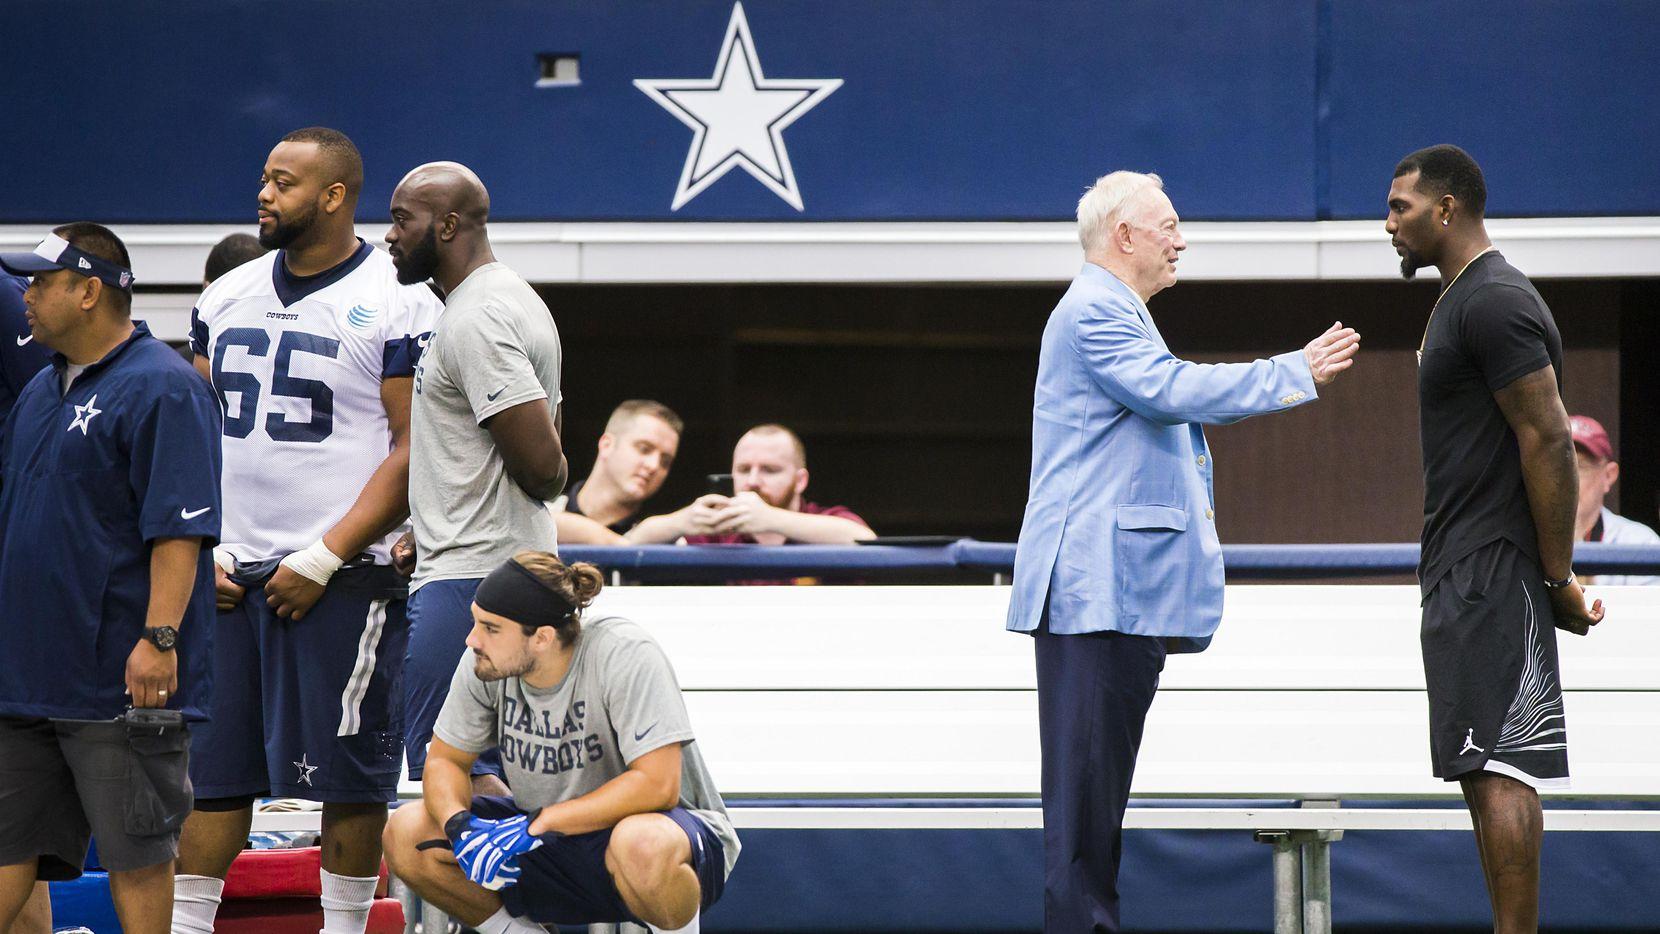 El receptor de los Cowboys, Dez Bryant (der.) escucha al dueño del equipo, Jerry Jones, durante una práctica del equipo en Arlington. (DMN/Smiley N. Pool)